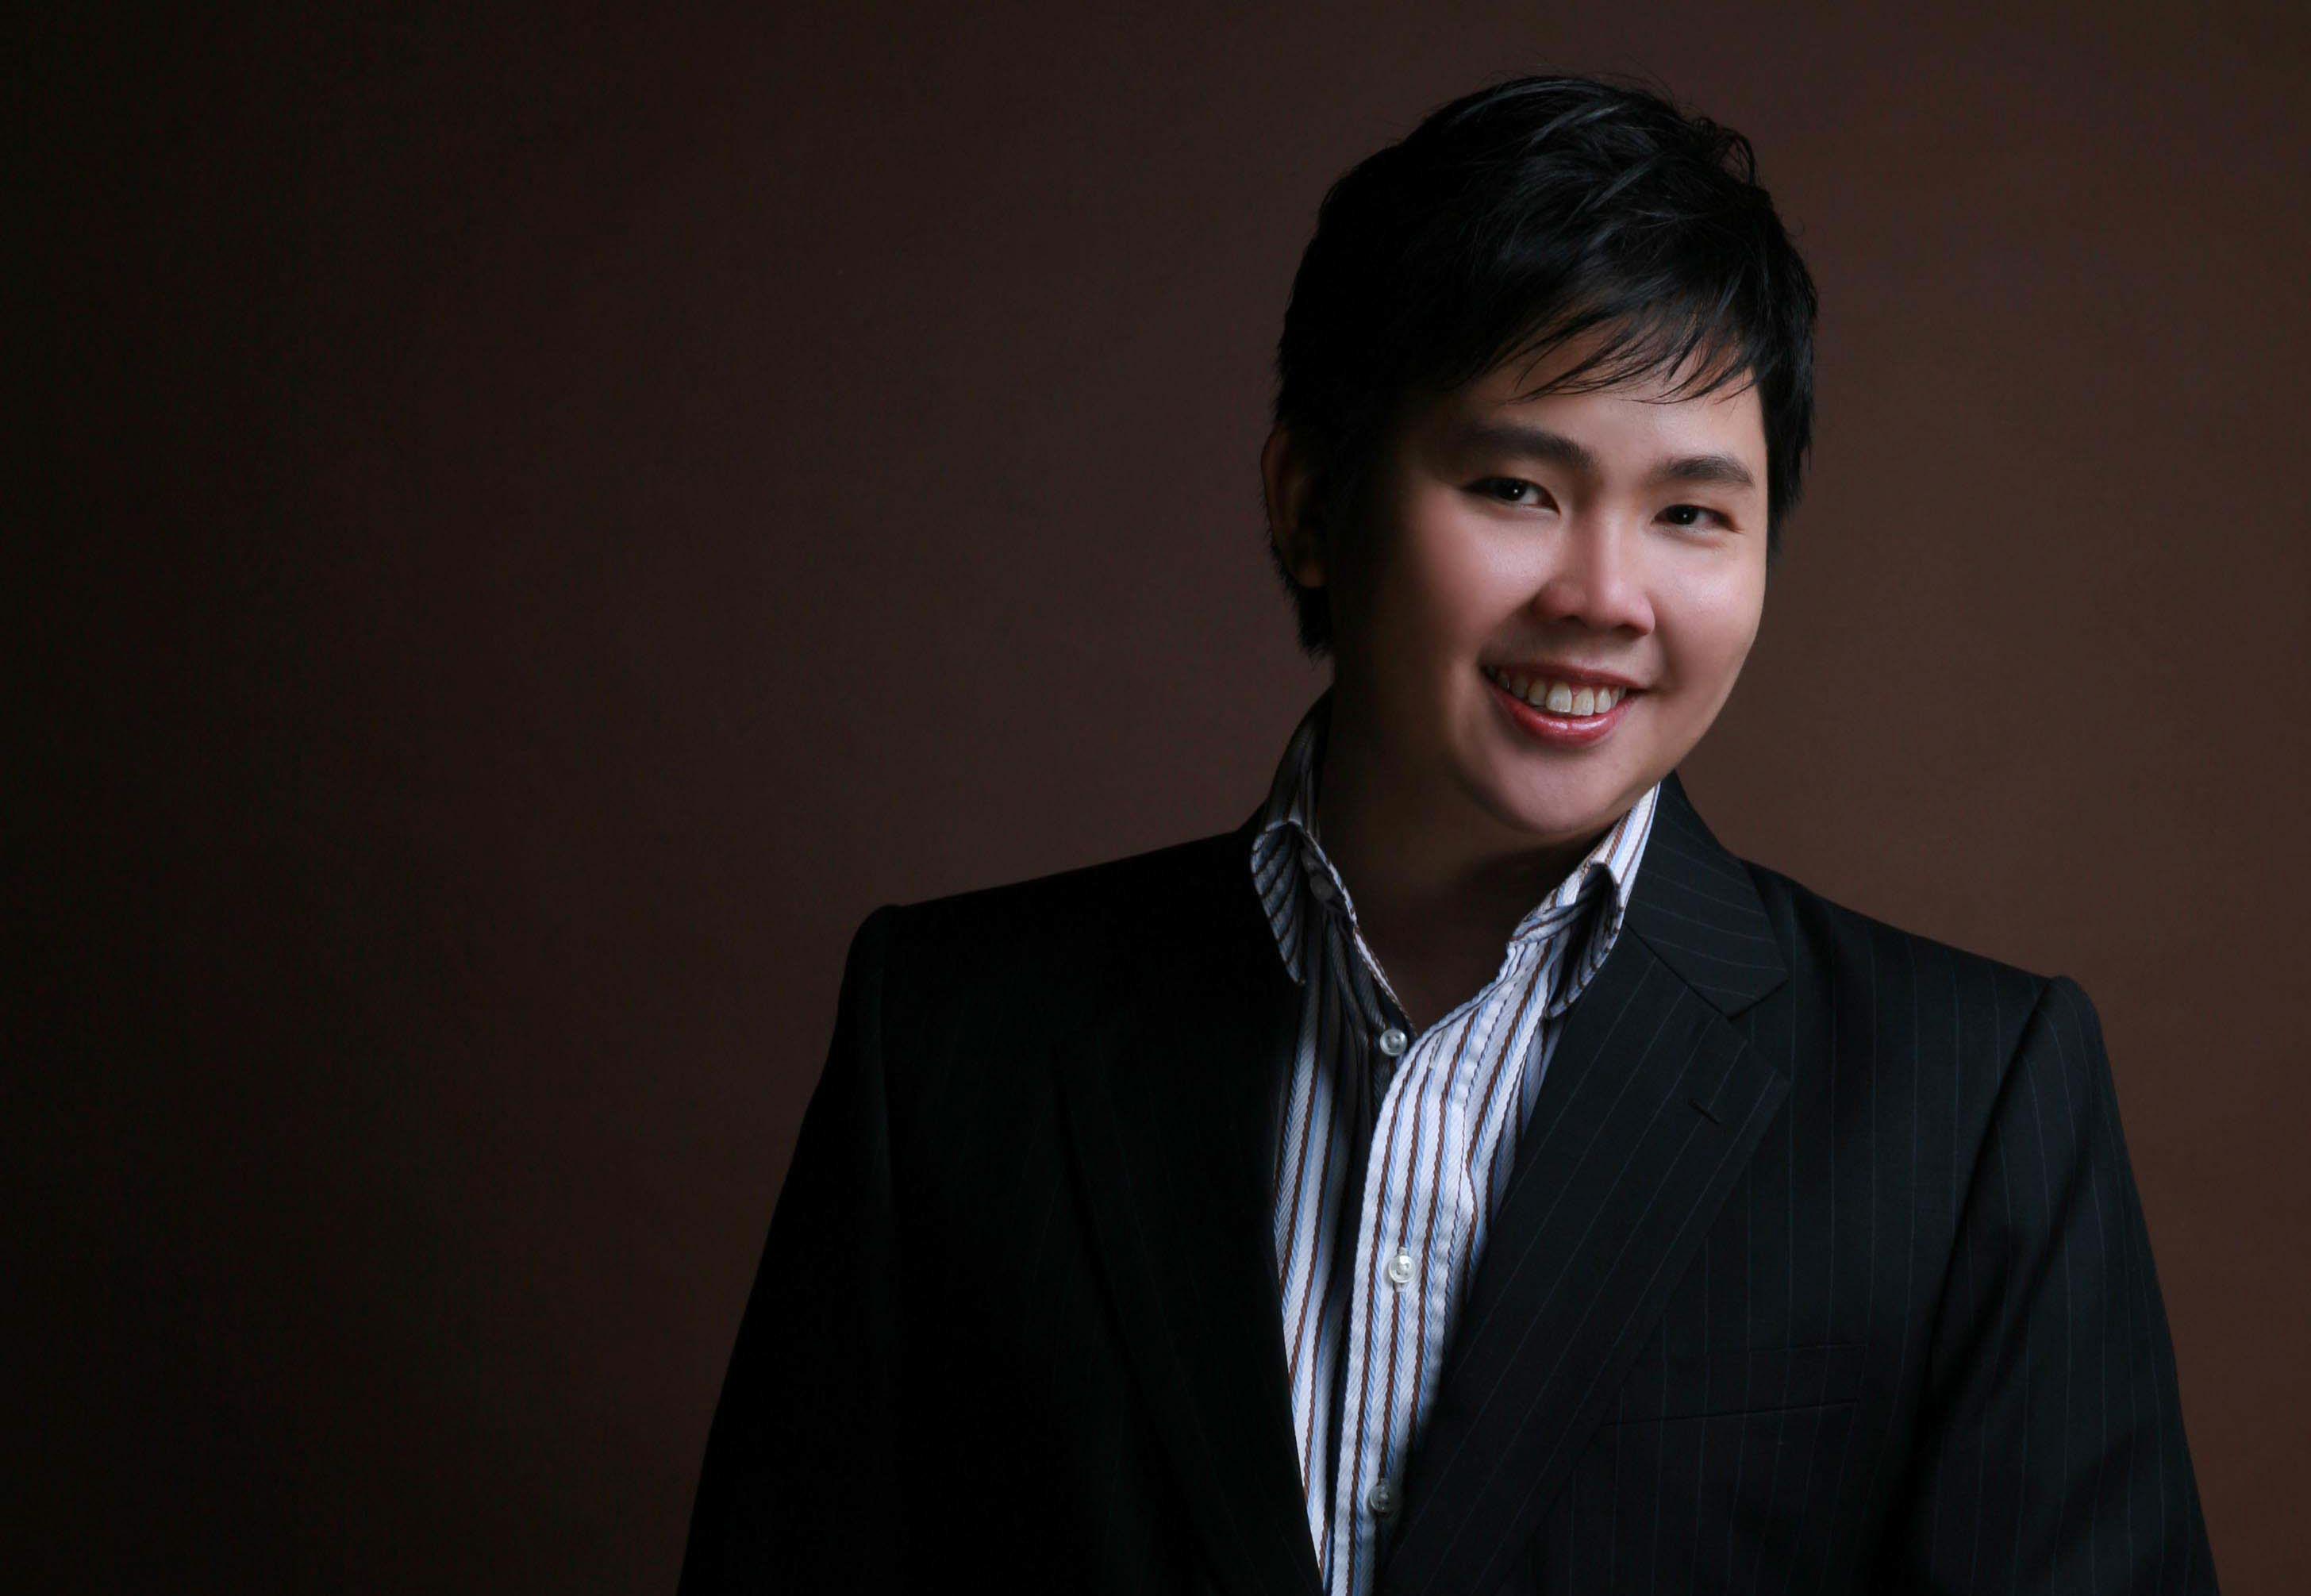 Dr. Peter Chen (MBBS, GDFM)